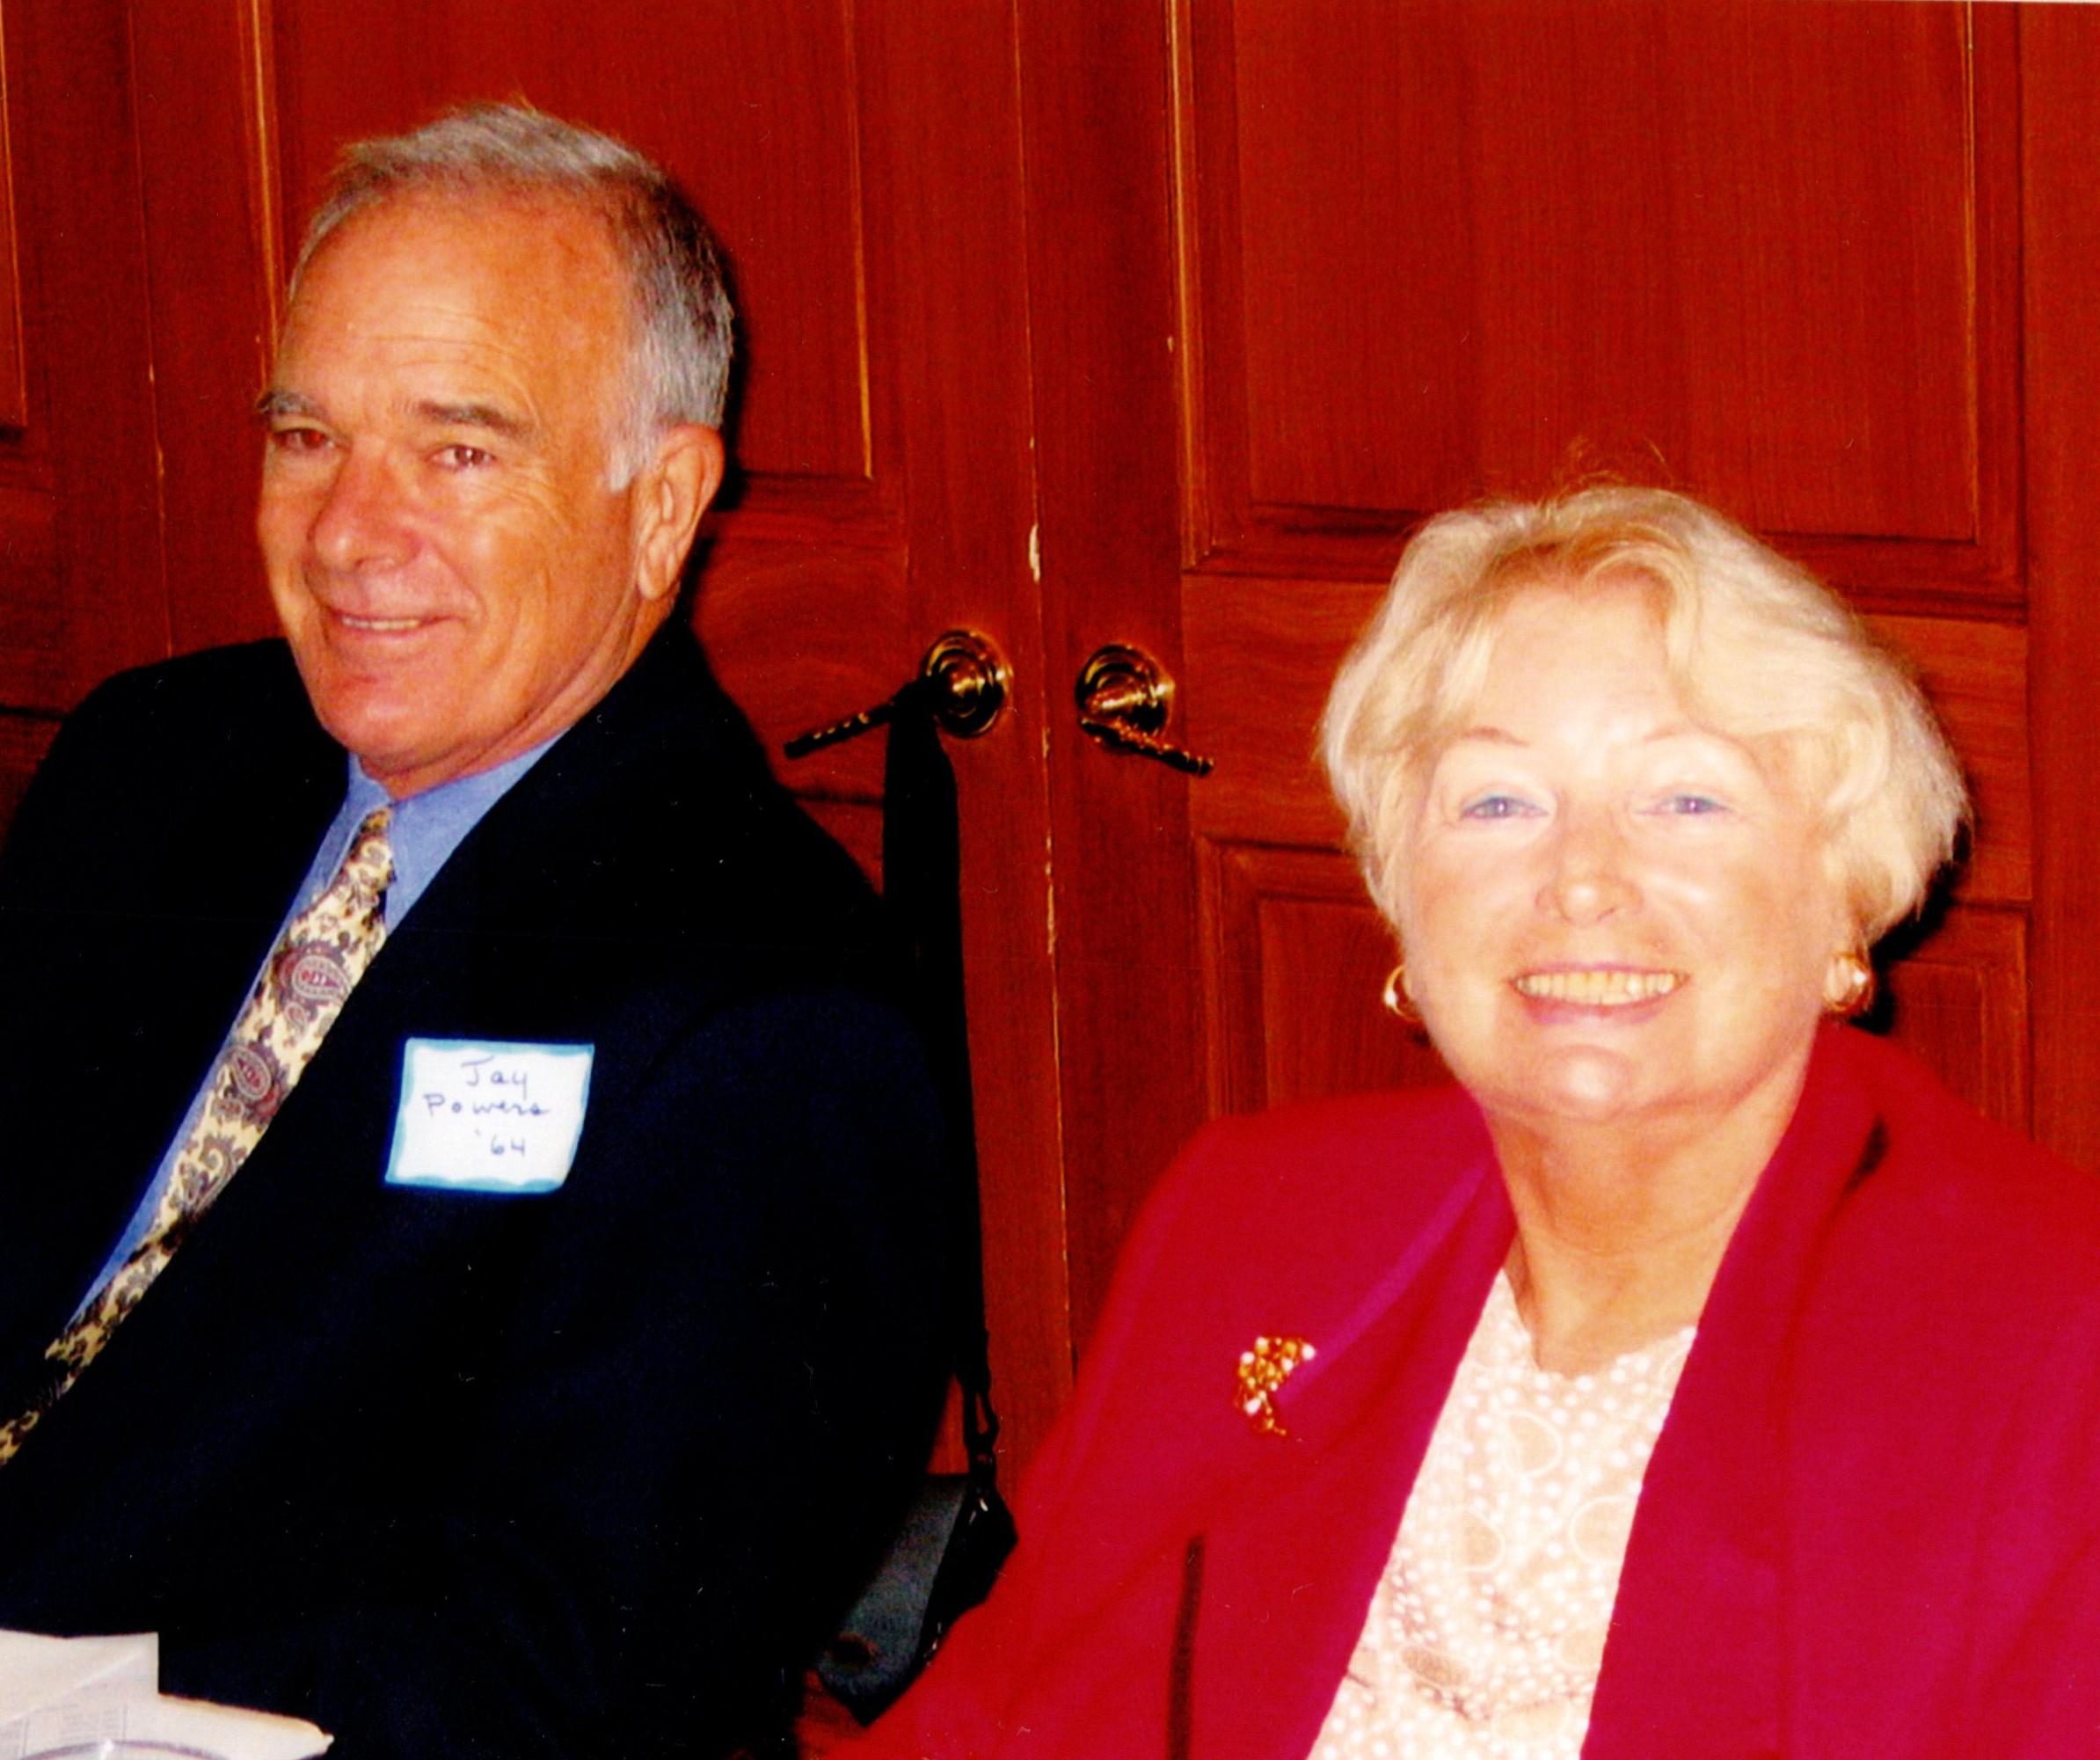 11_11_2004 - ANNUAL MEETING OF MEMBERS - NAPLES YACHT CLUB 21.jpg